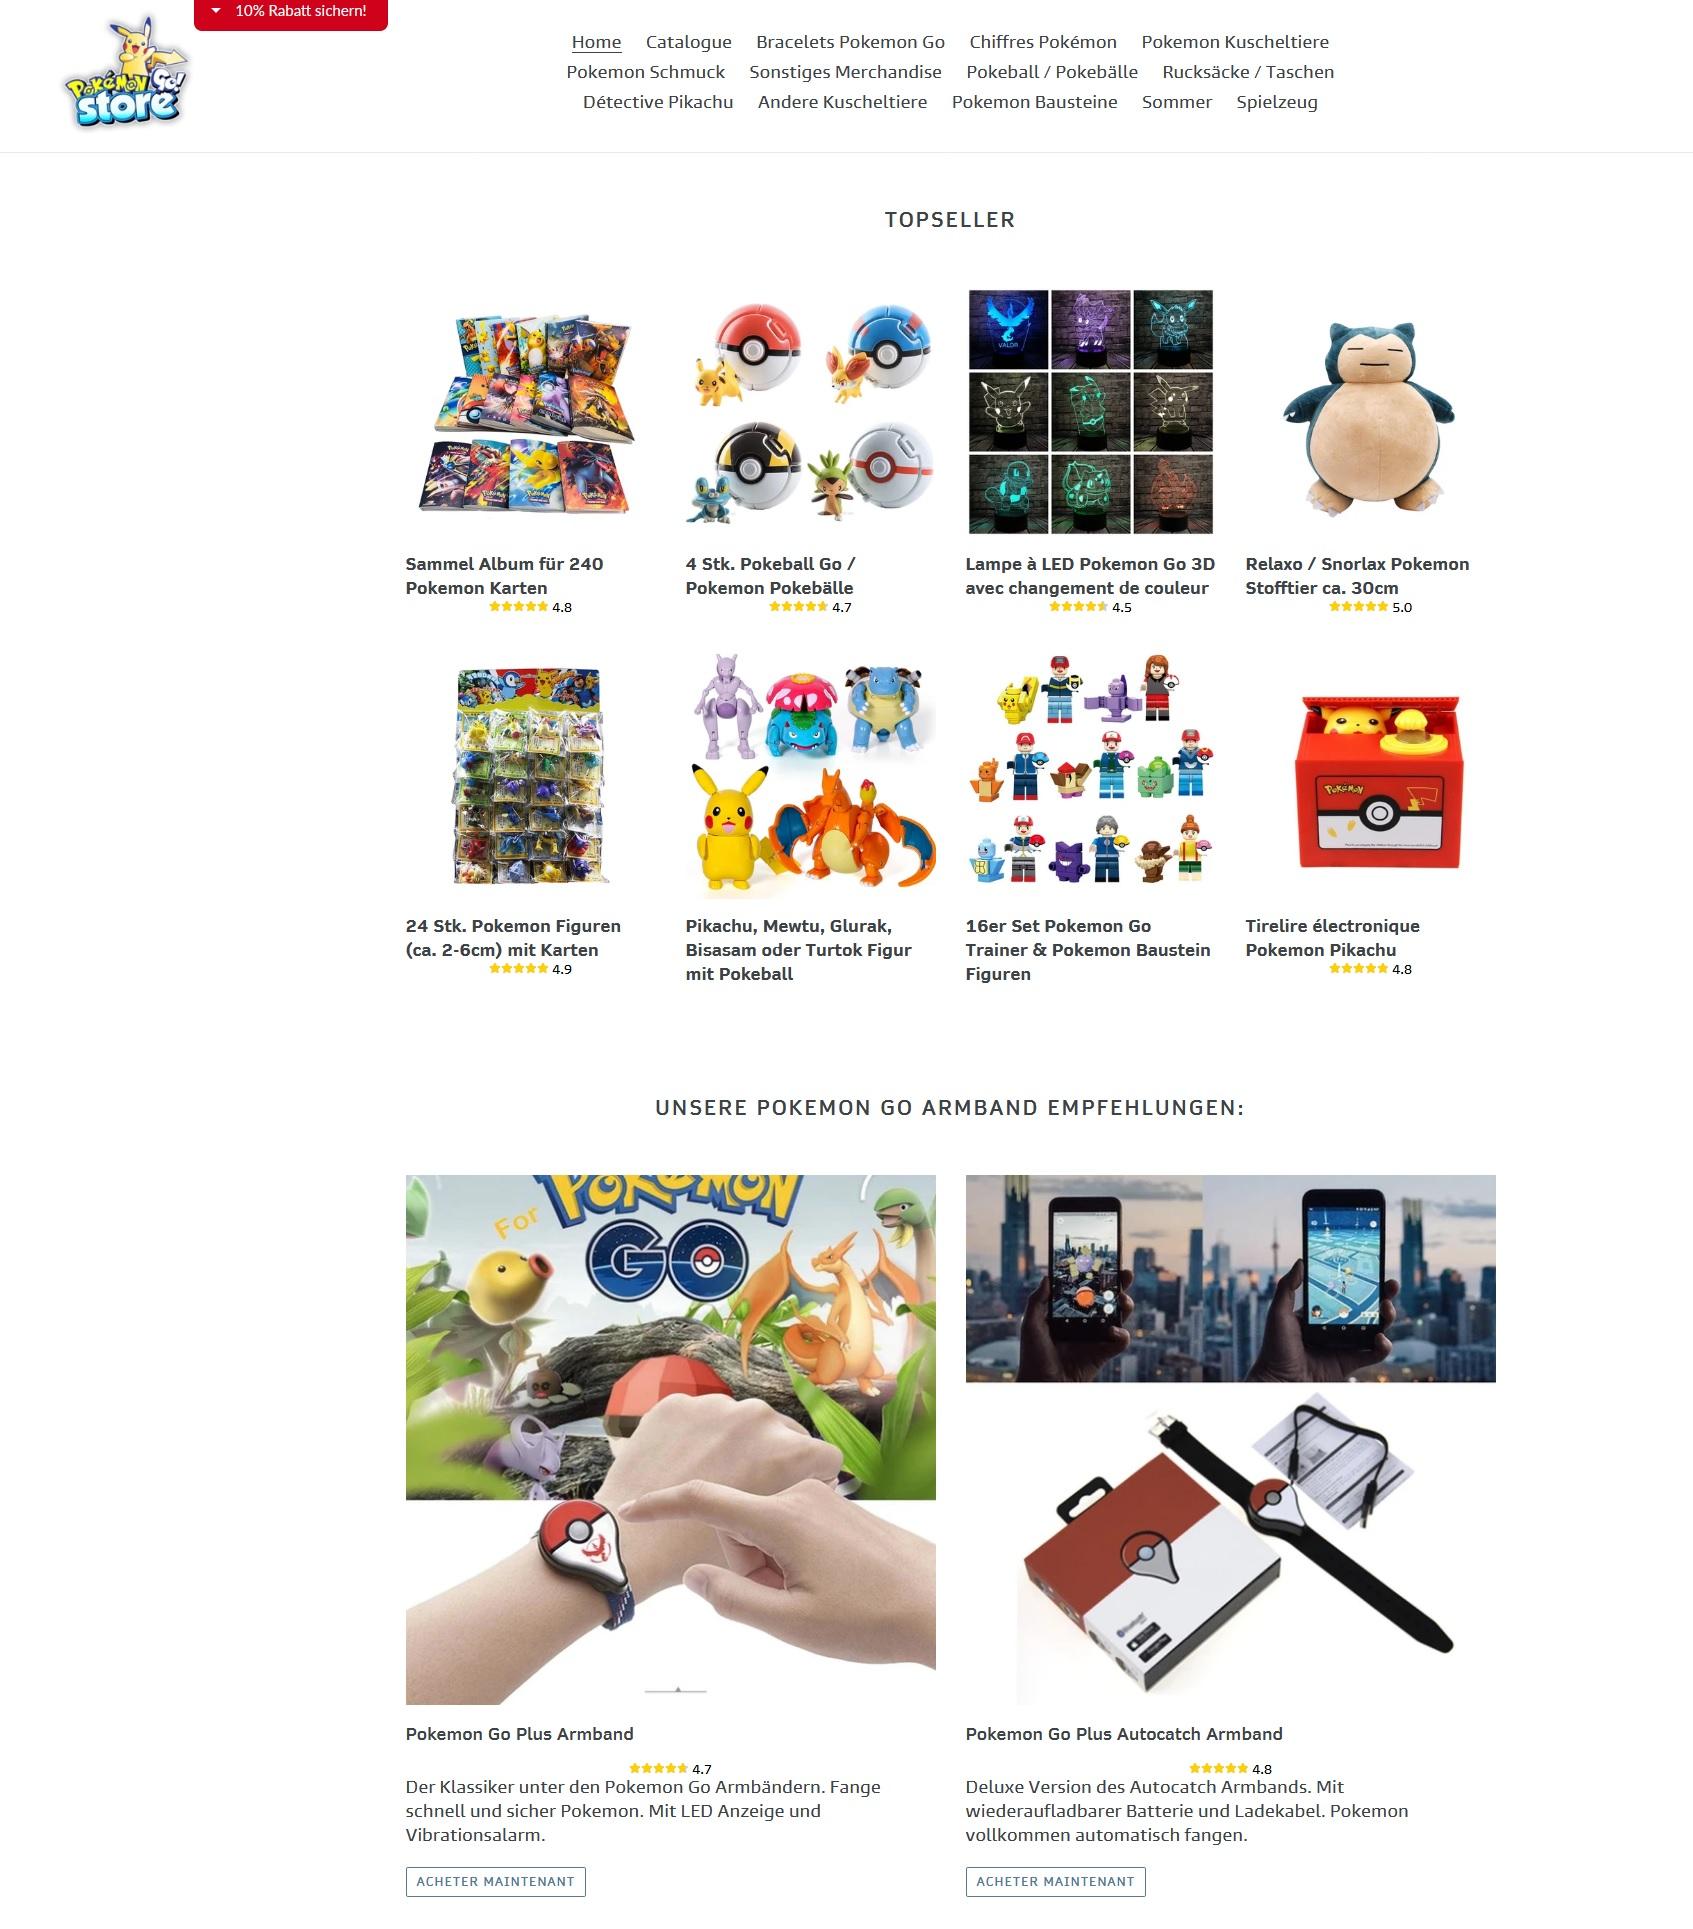 Vente Contrefaçon jouets Pokemon Cybersquatting Nom Domaine